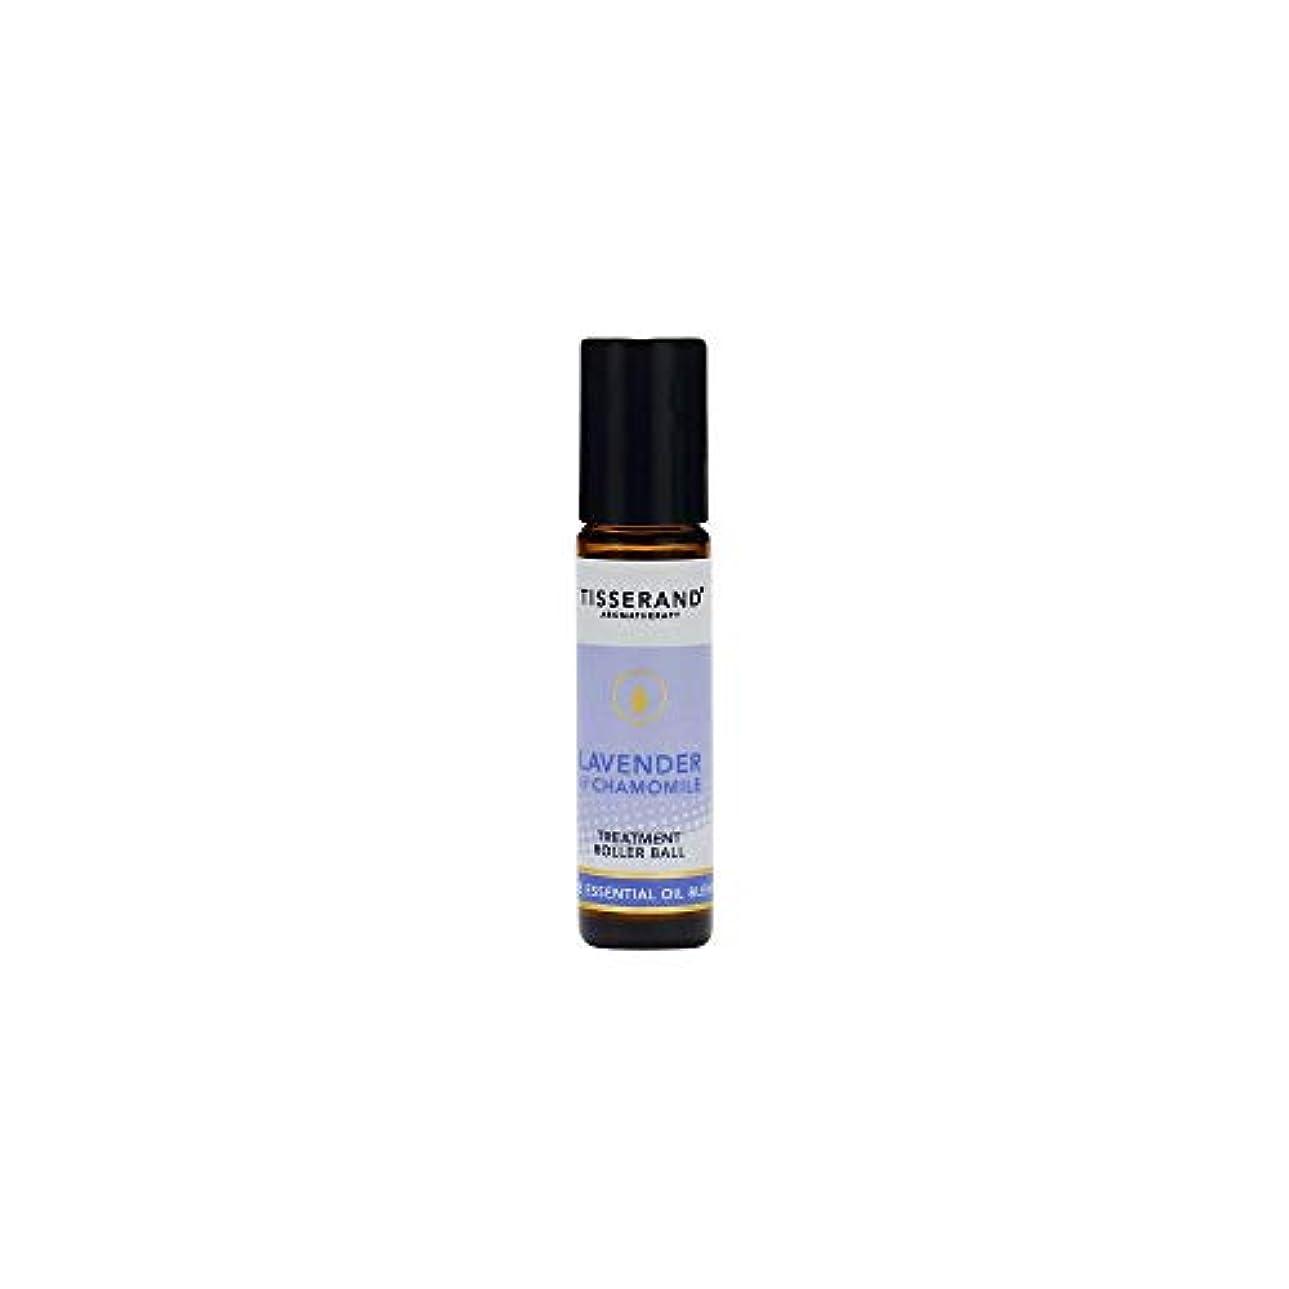 に慣れオッズオゾン[Tisserand] ティスランドアロマラベンダー&カモミール精油ローラーボール10ミリリットル - Tisserand Aromatherapy Lavender & Chamomile Essential Oil...